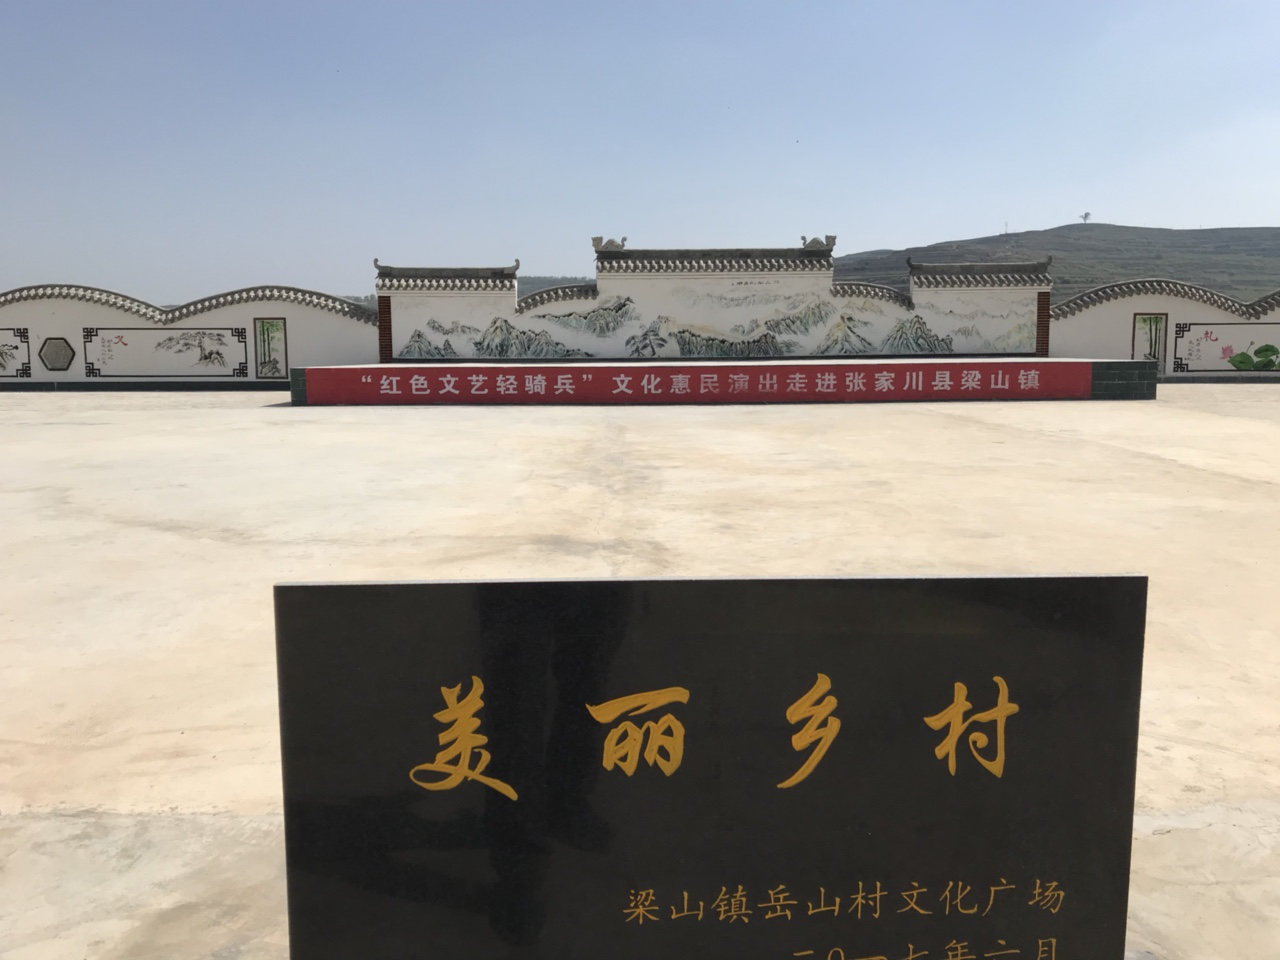 【文化惠民】梁山镇岳山村综合文化服务中心风�